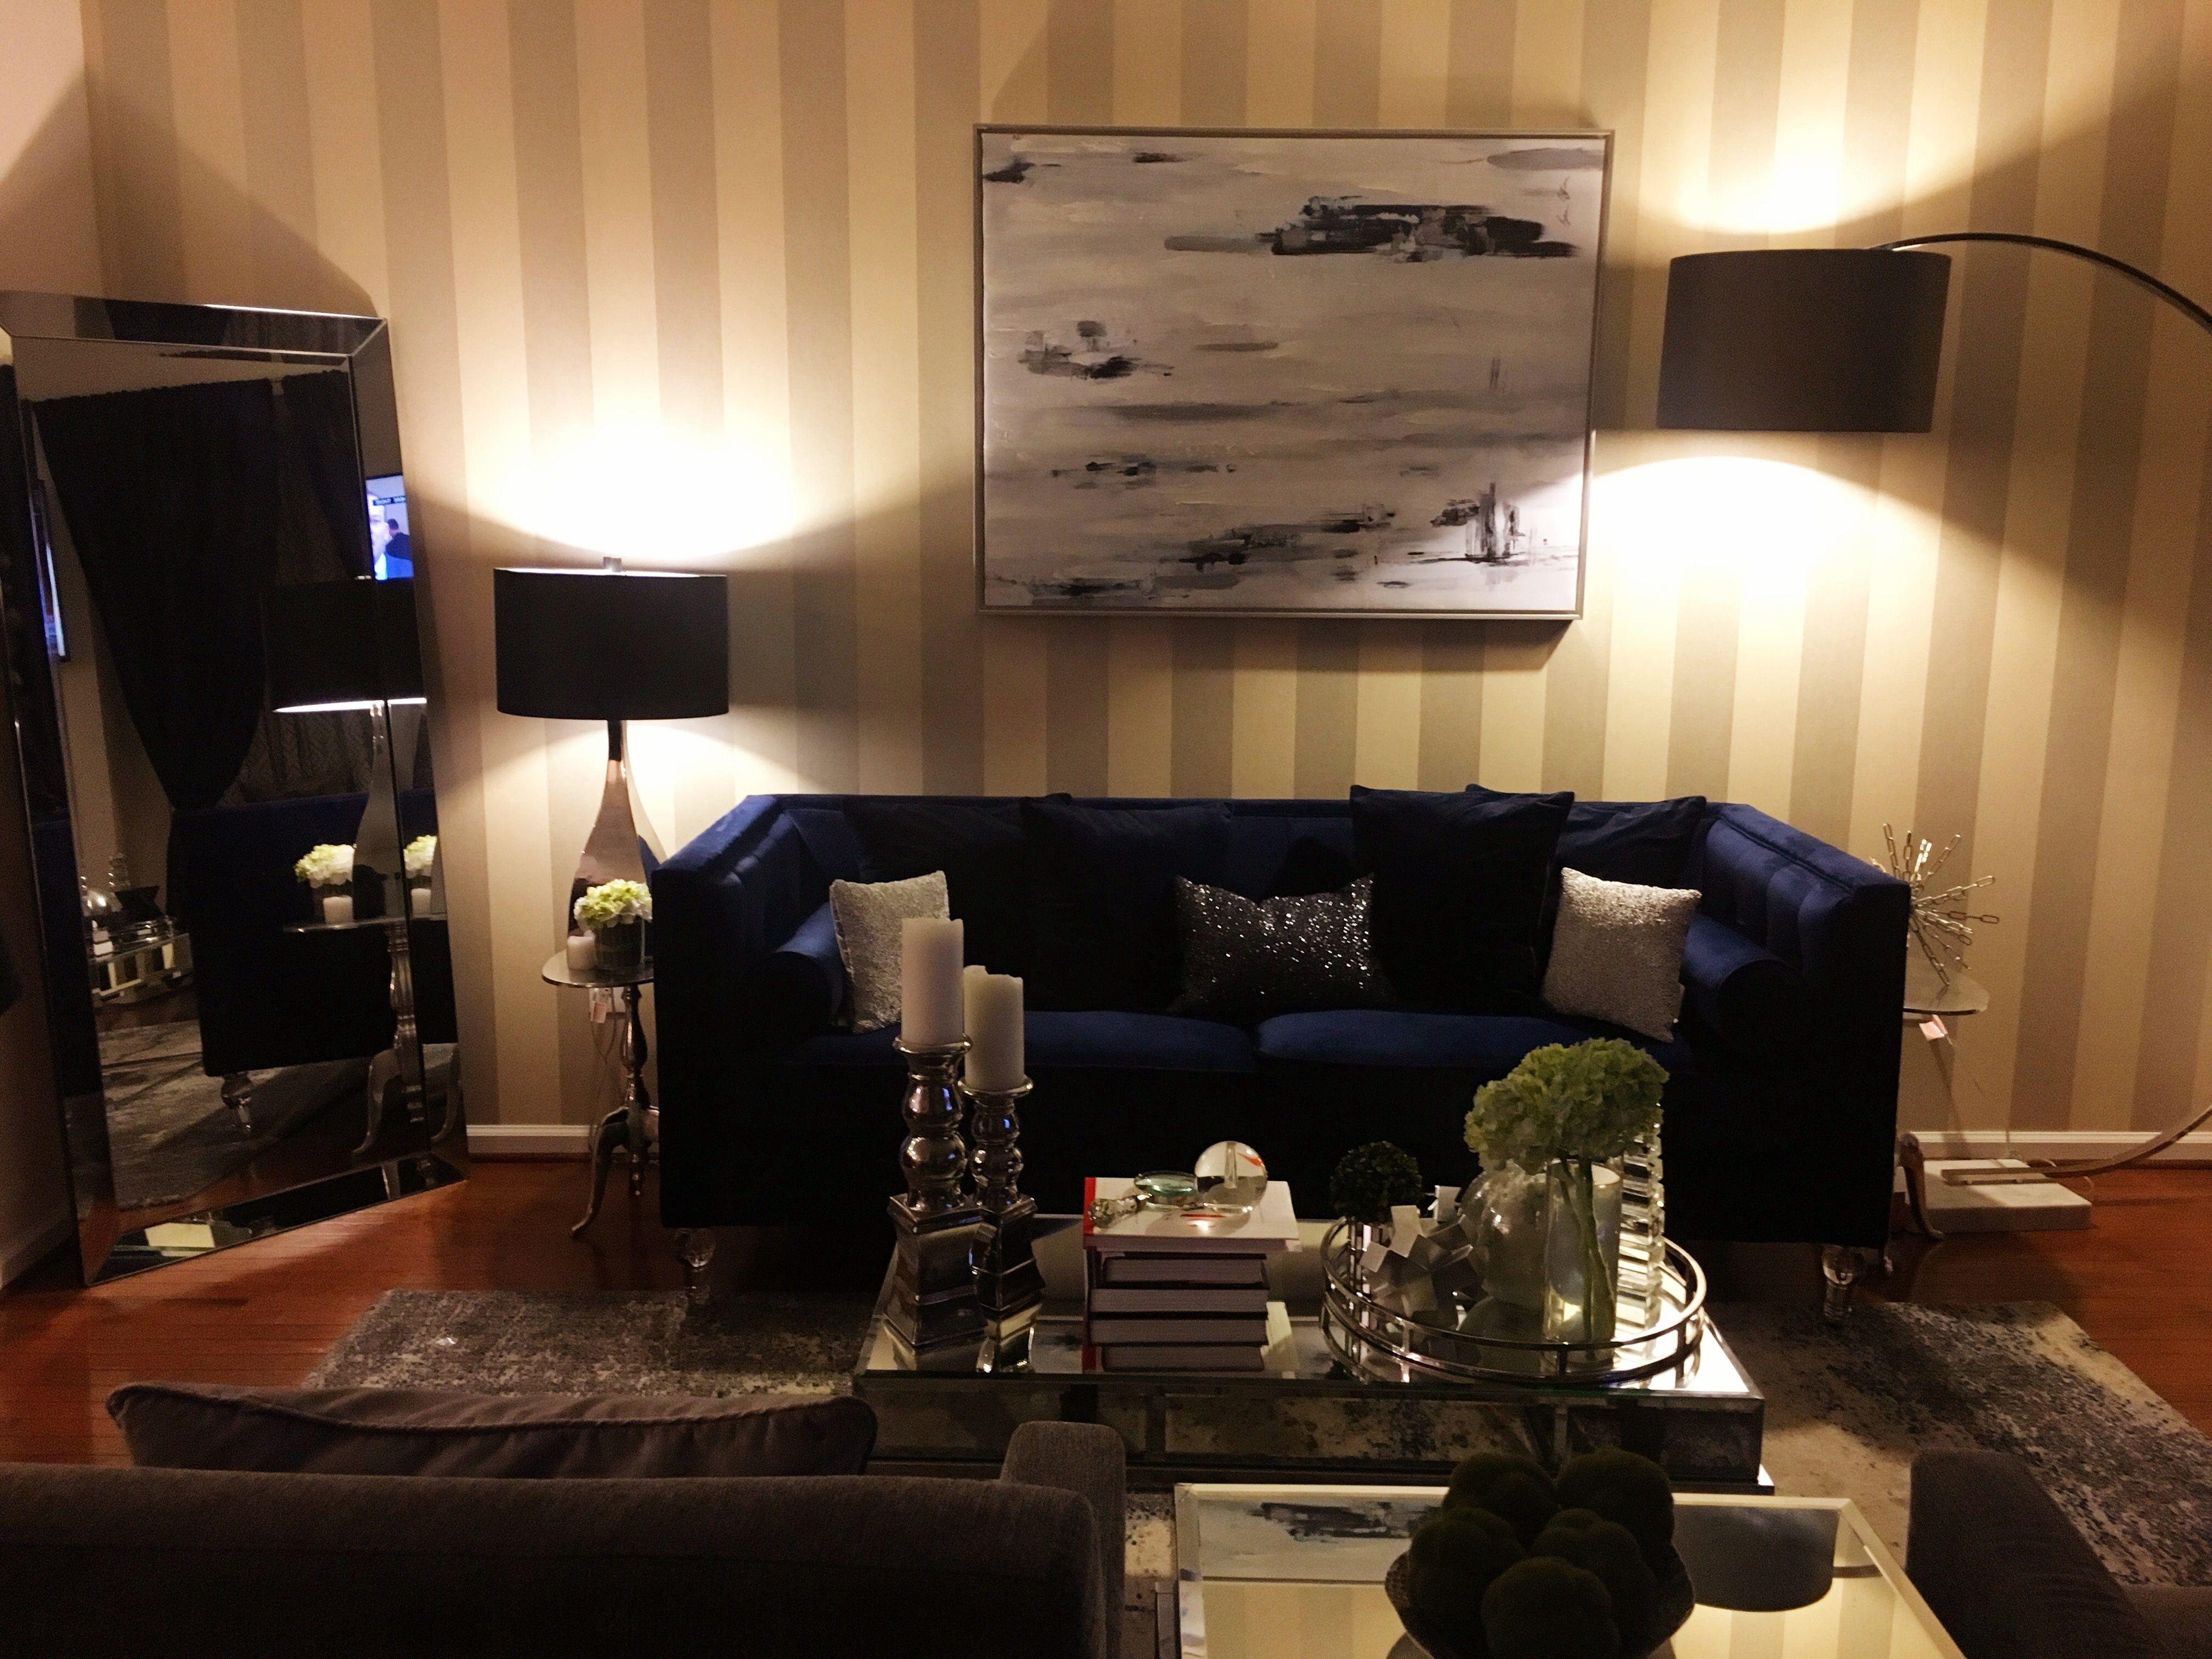 Gray & white striped wallpaper, blue velvet couch, mirror